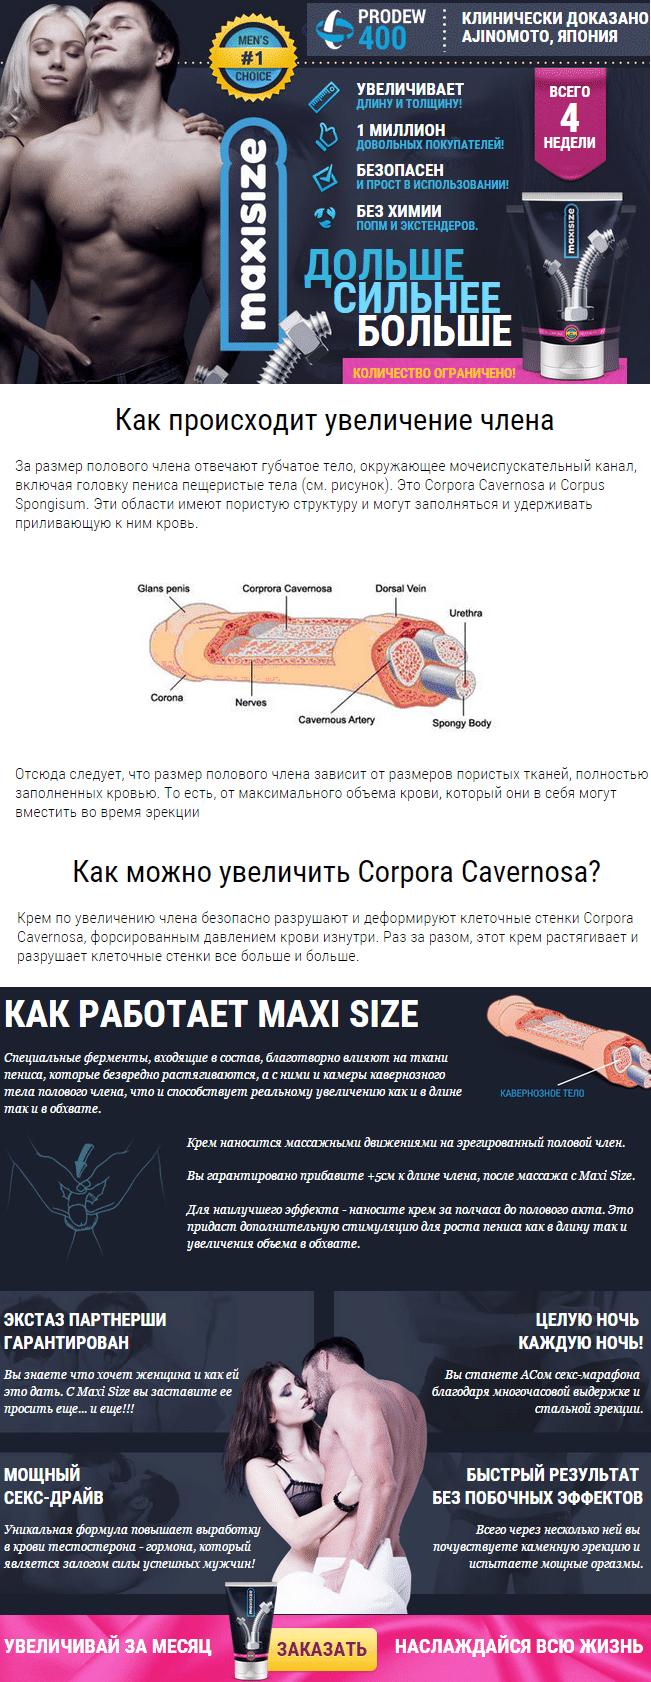 Крем MaxiSize